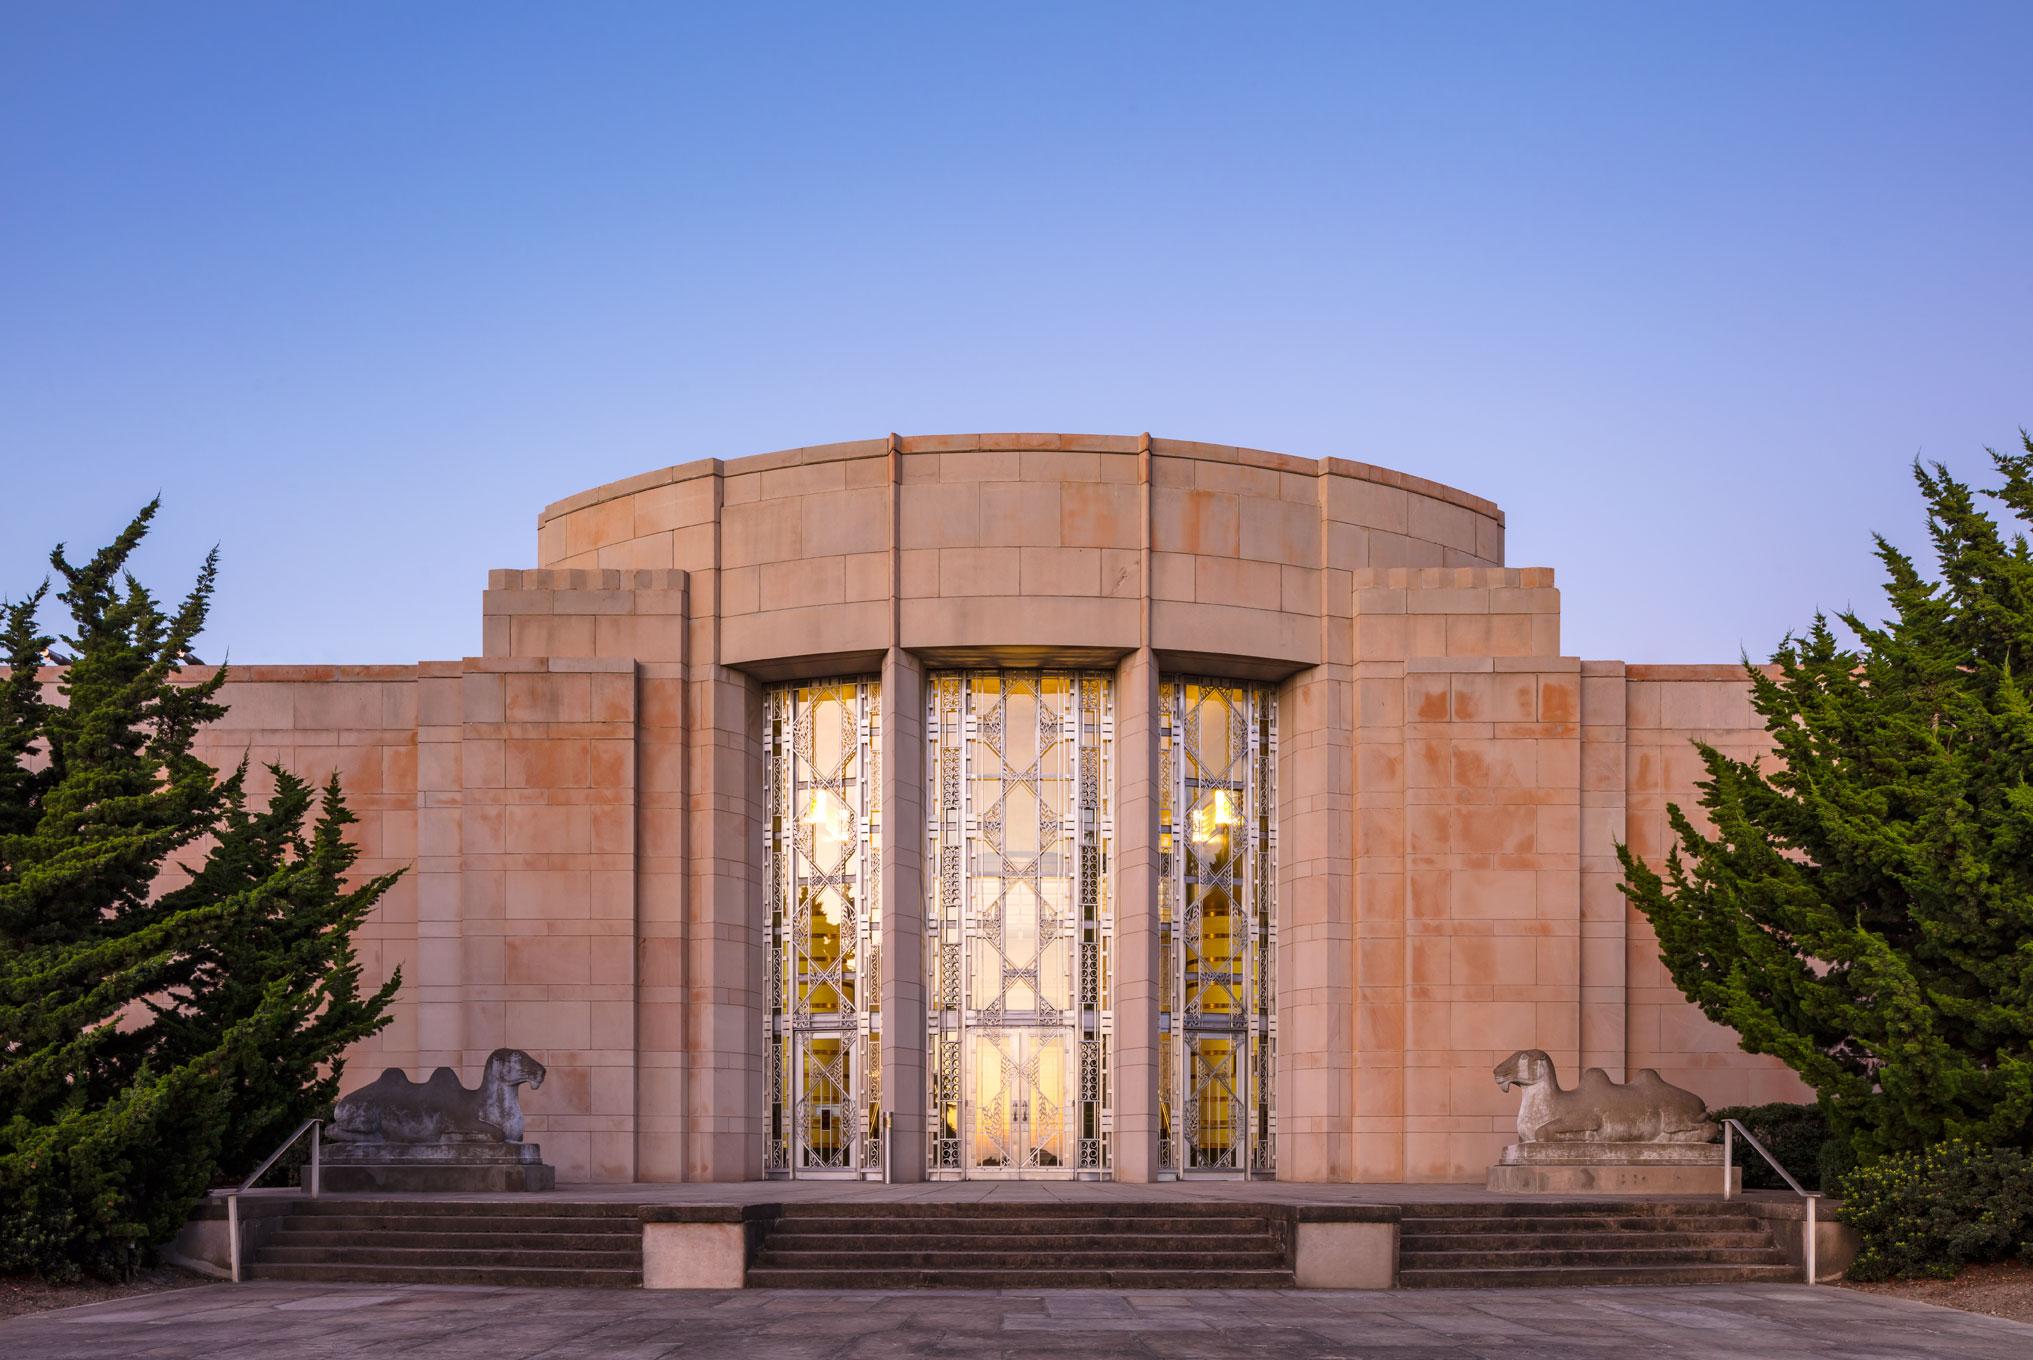 facade seattle asian art museum